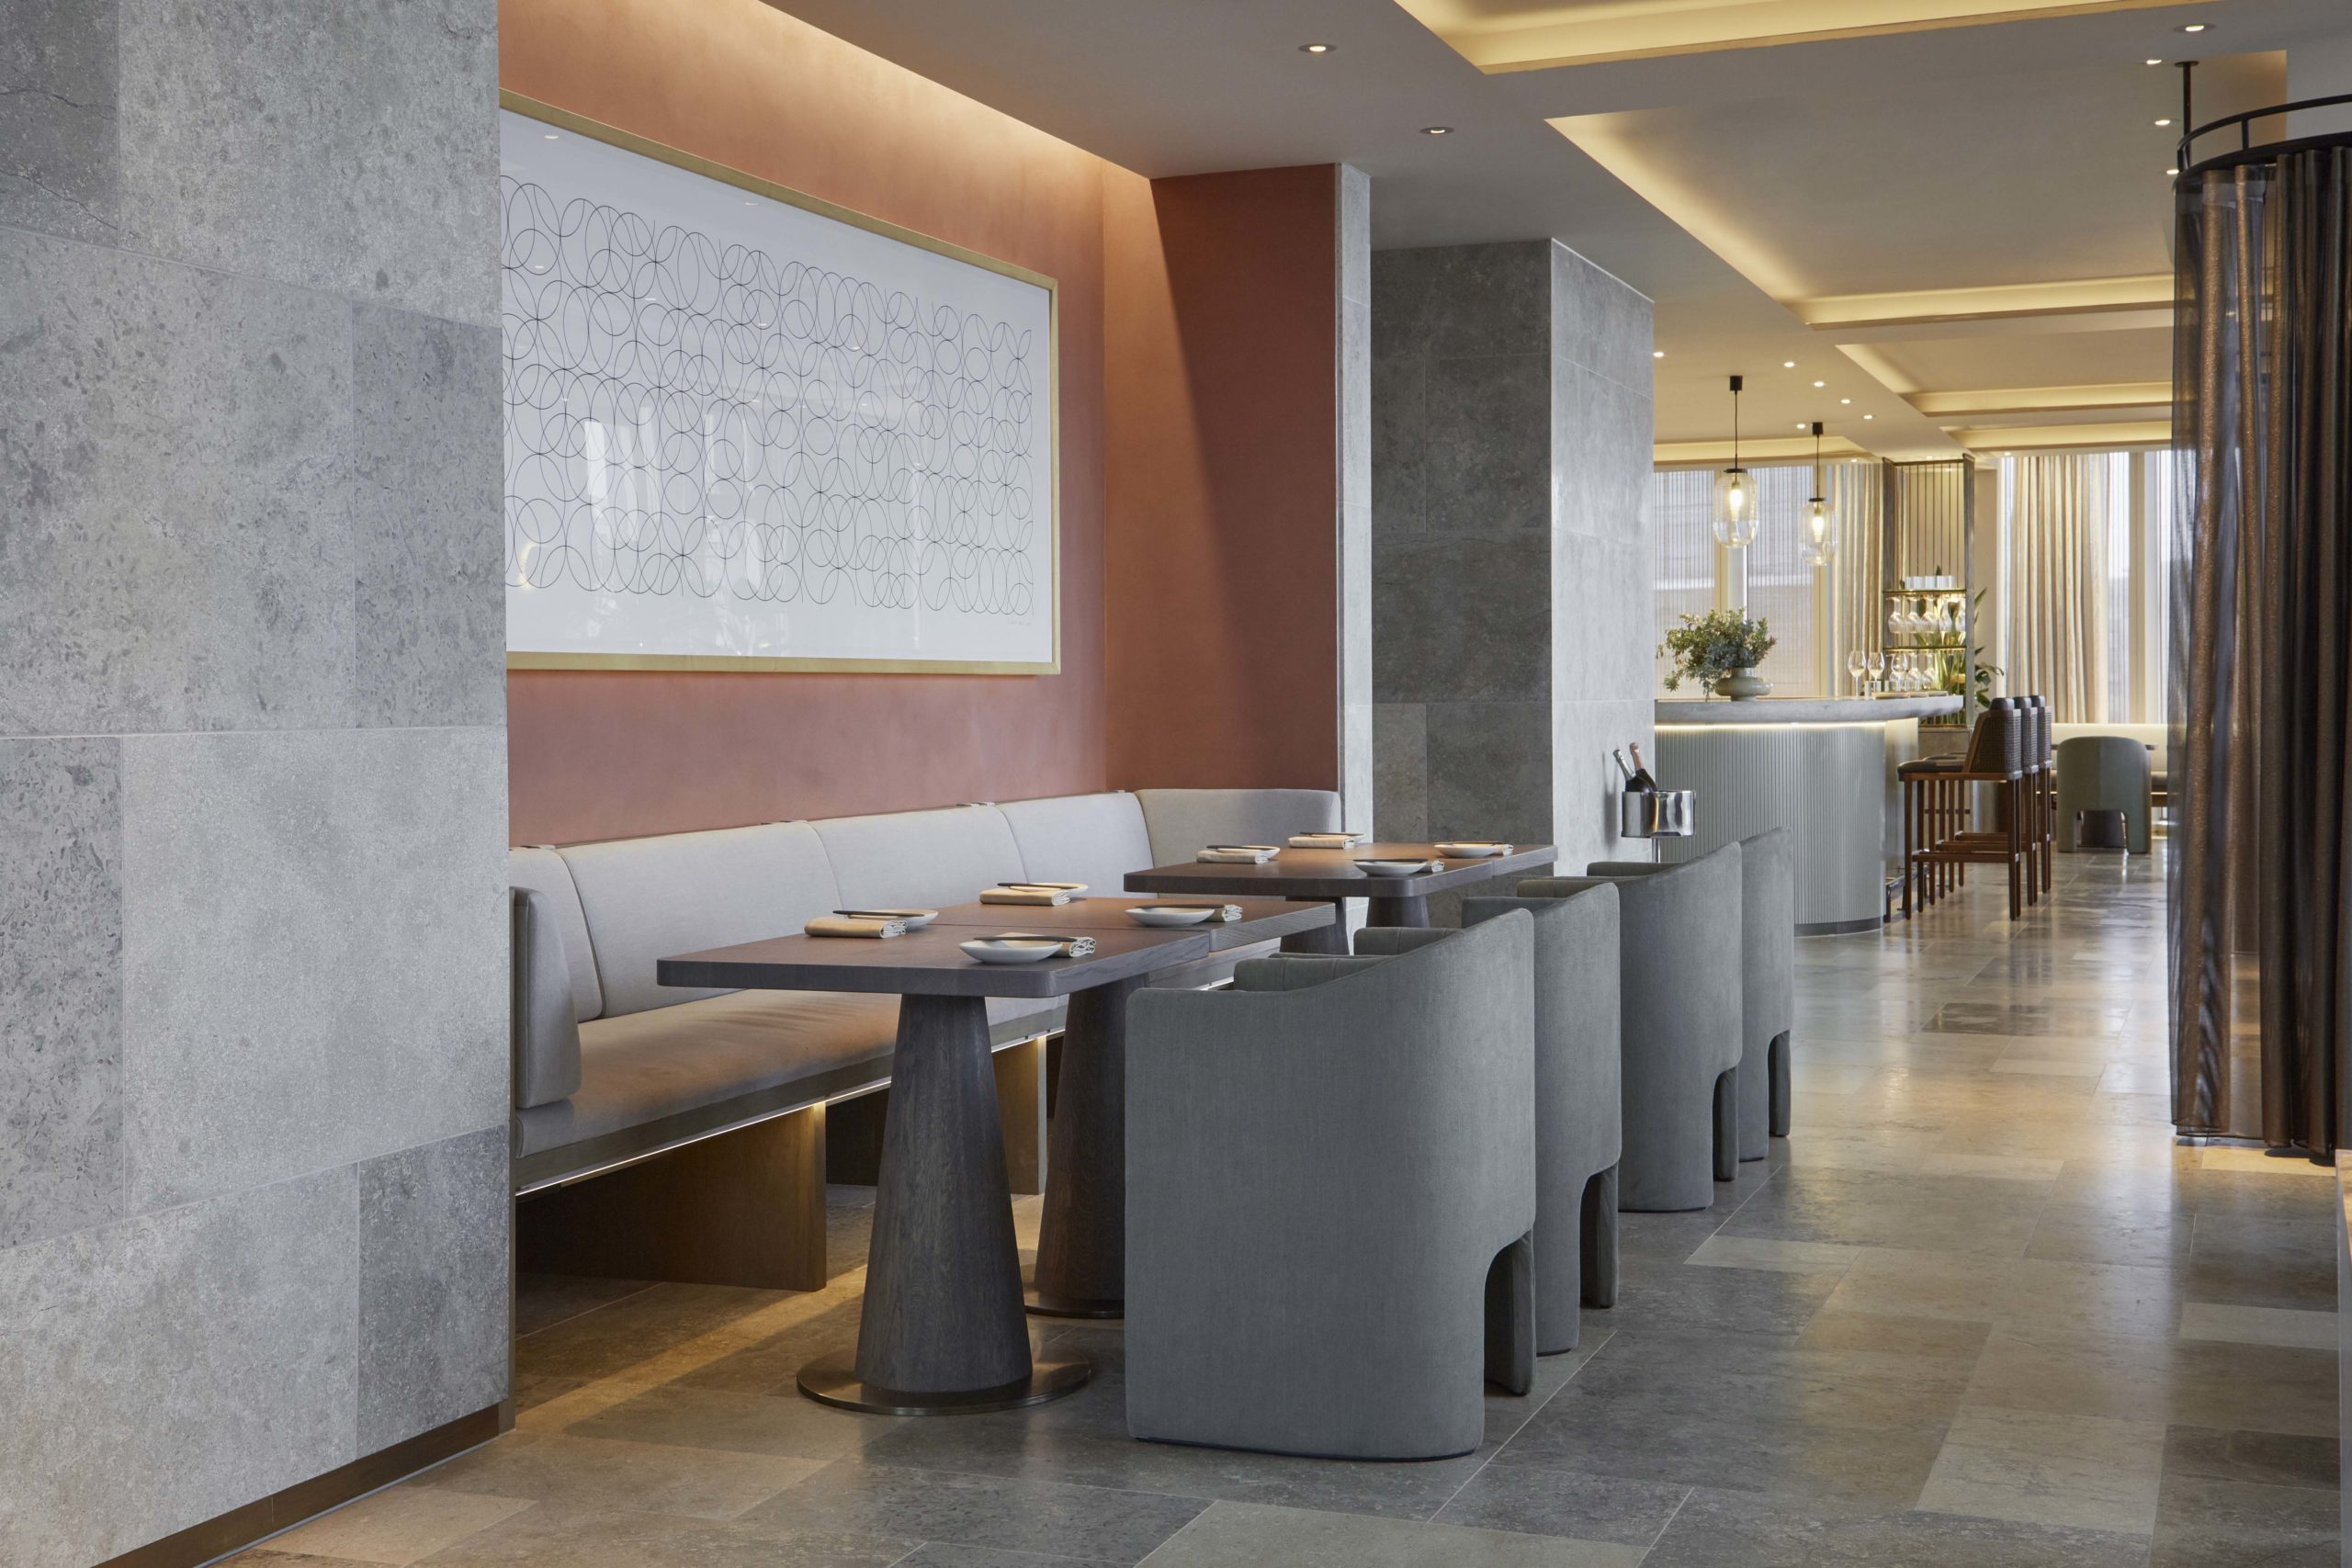 Allegra Restaurant